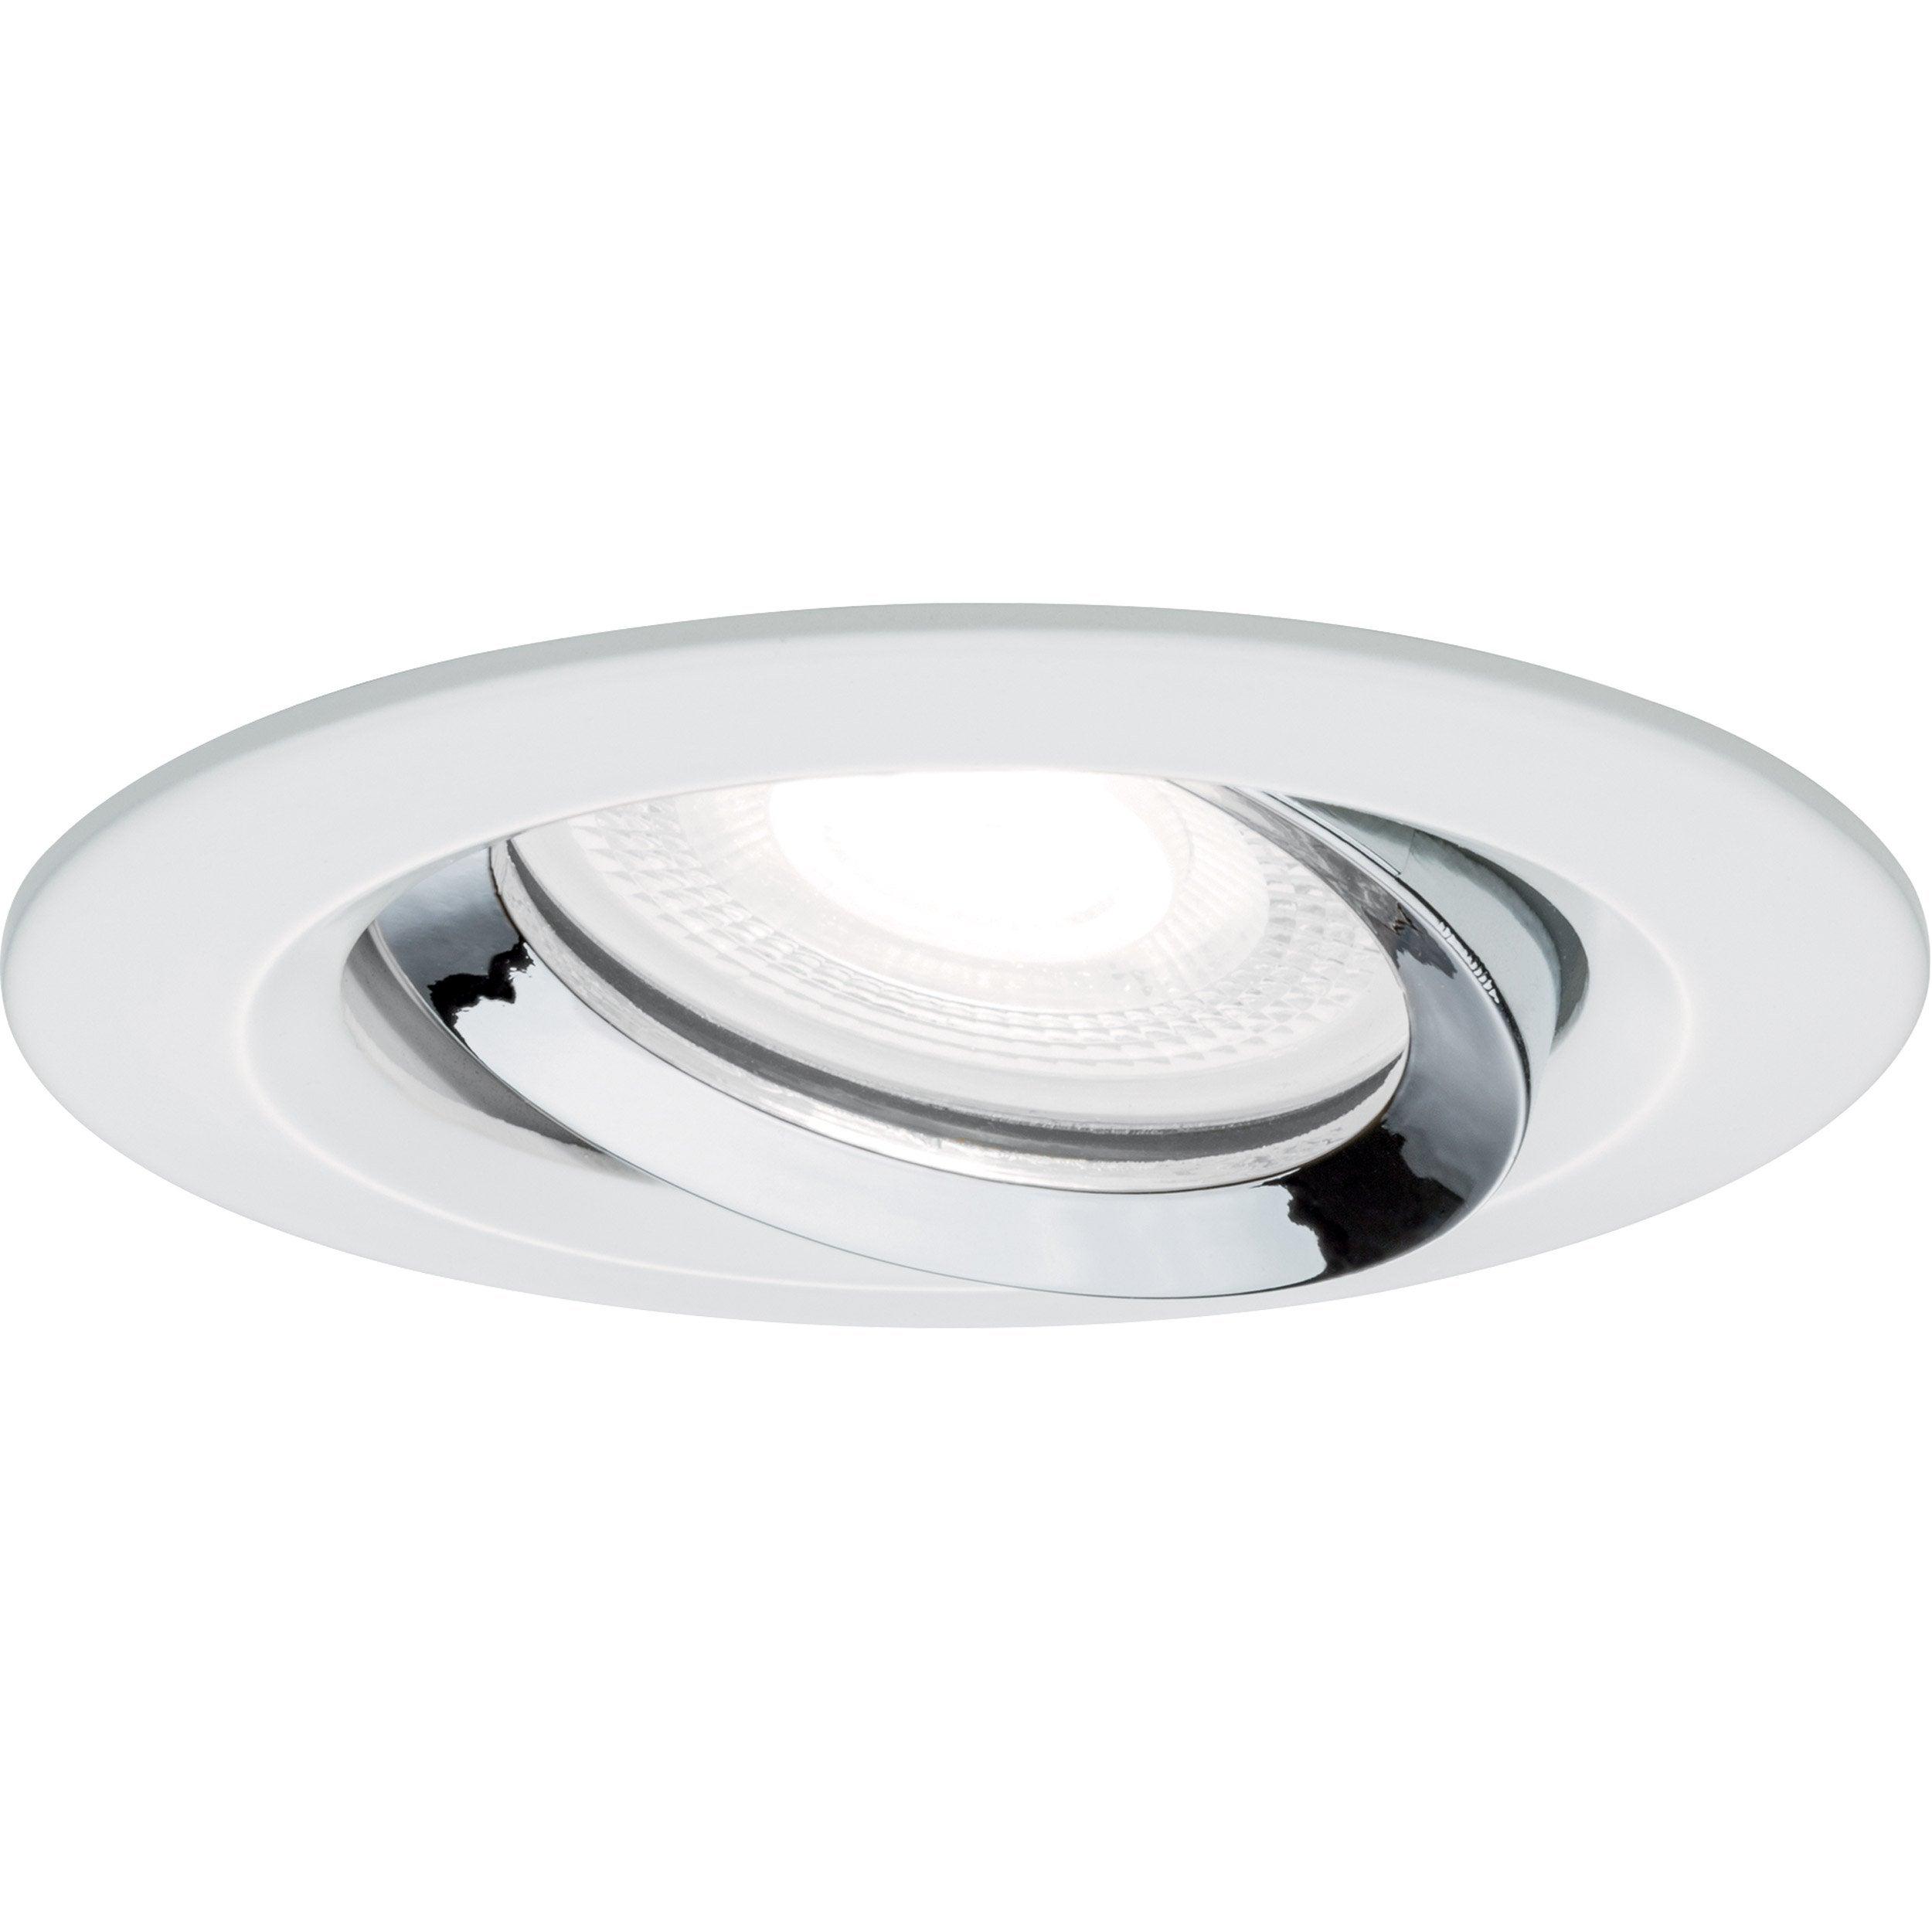 Kit 1 spot à encastrer salle de bains orientable GU10 Nova, 4000K rond blanc